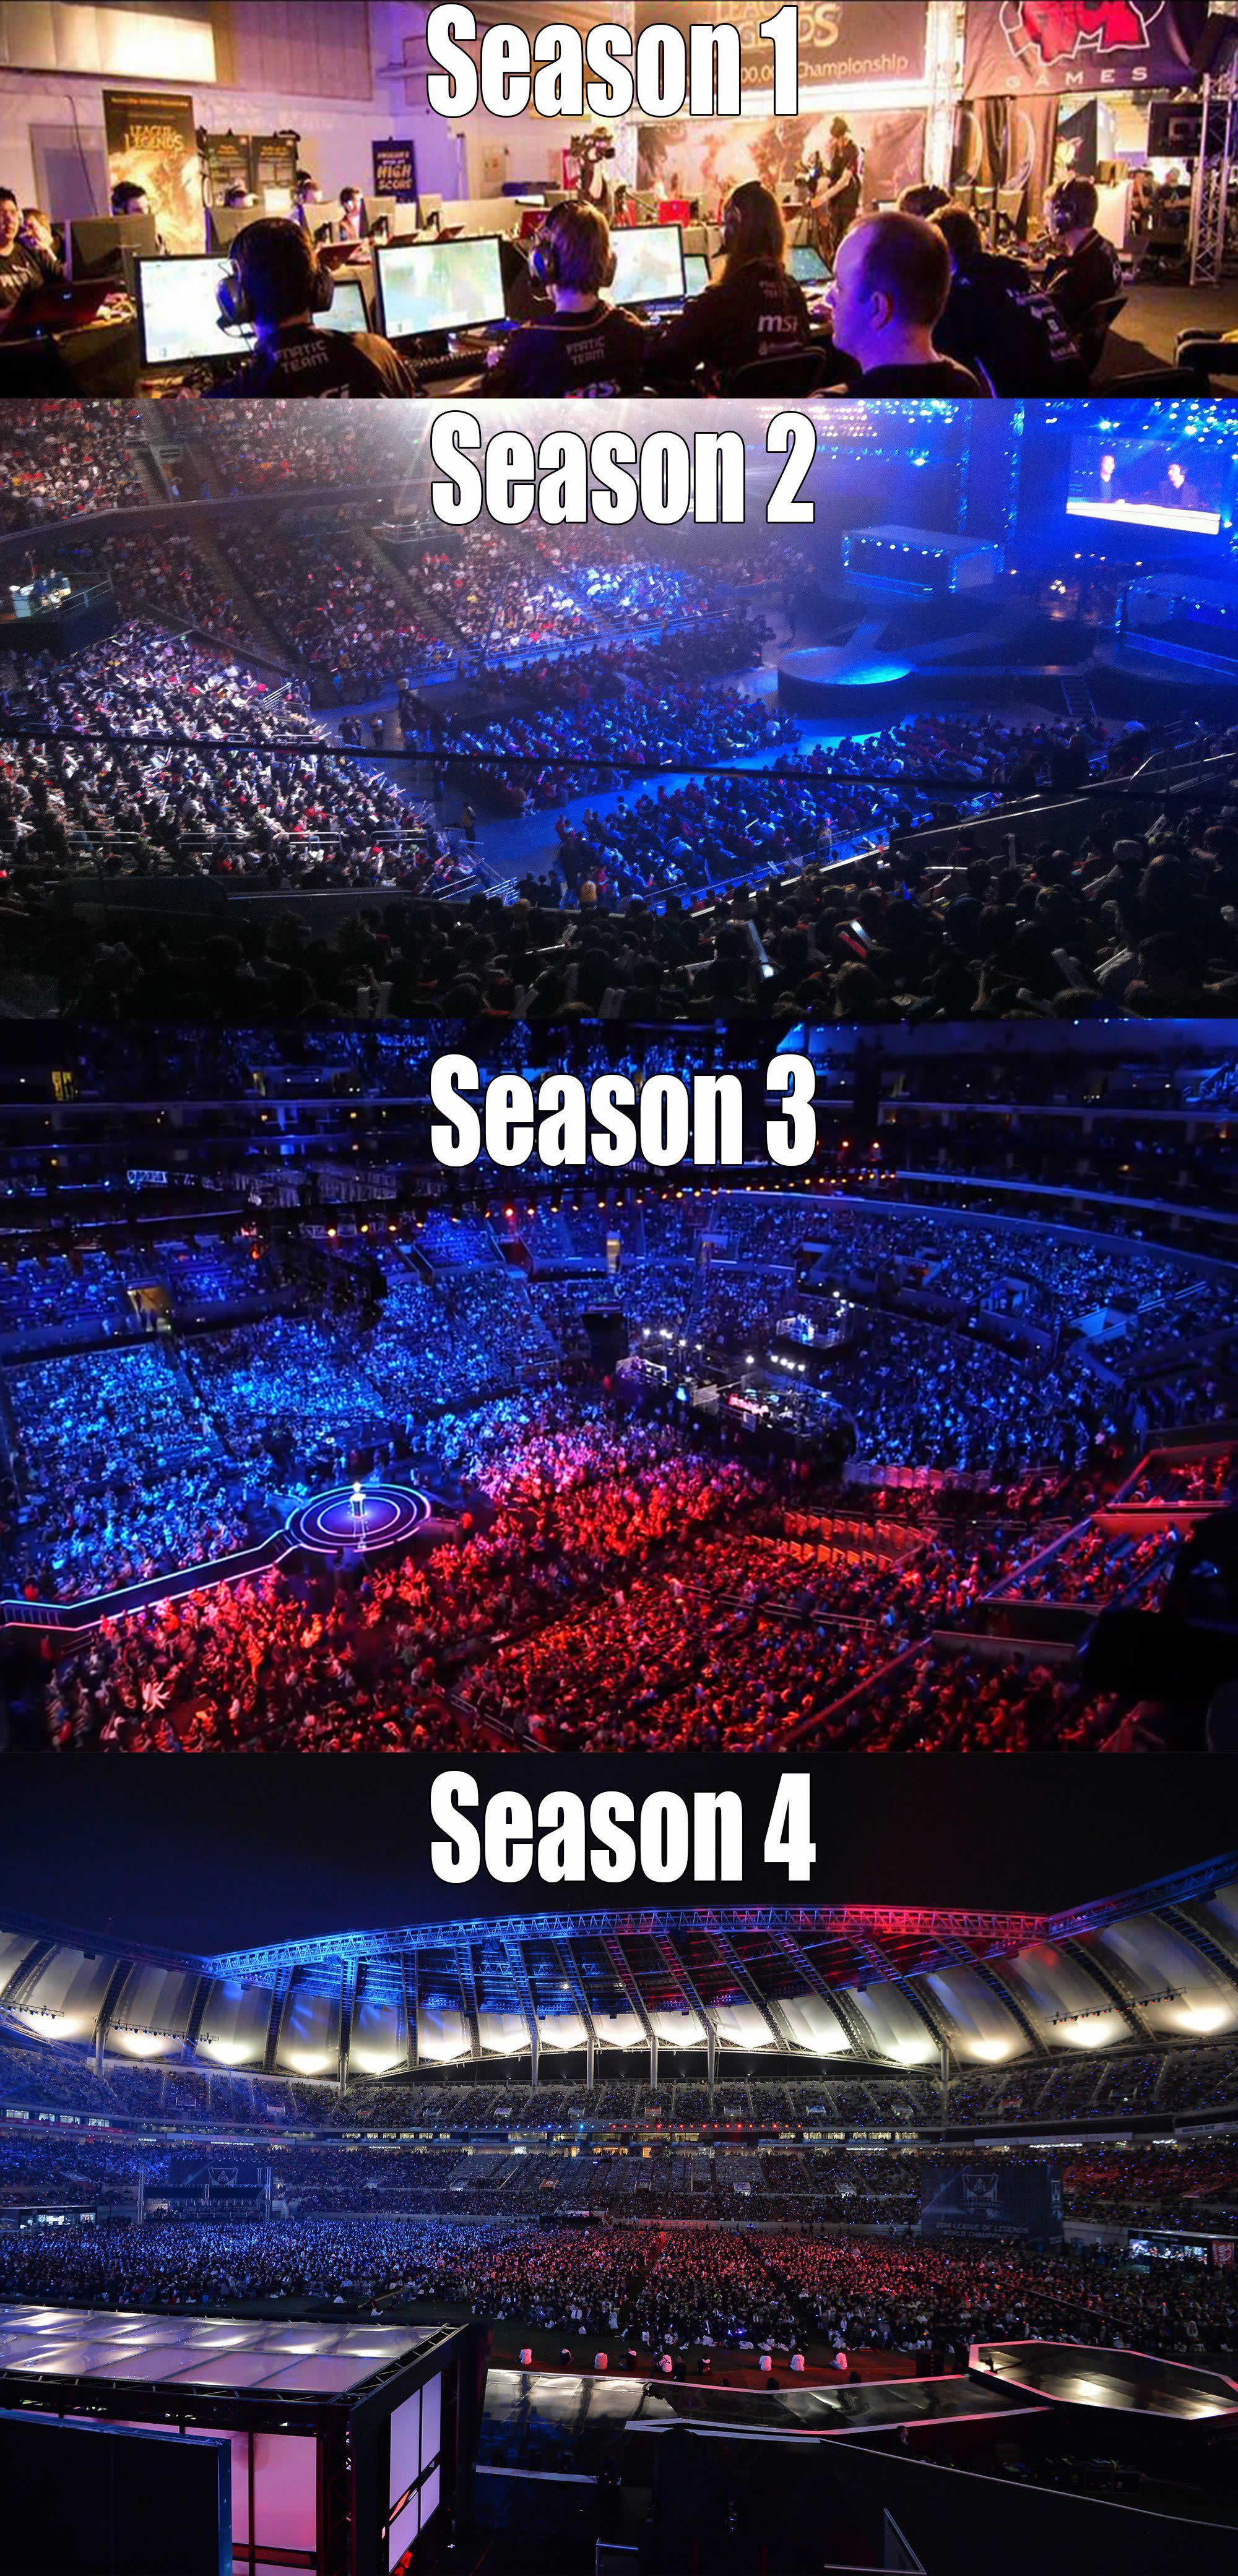 LoL World Championshipの進化。2011年のSeason 1決勝戦はどこかのLANパーティーのような狭い会場で行われたが、その後は年々開催規模が大きくなっている。昨年のSeason 4決勝戦は、韓国のソウルワールドカップ競技場で大観衆が見守る中で行われた。画像参照元: Evolution of league of Legends (LoL) since season 1